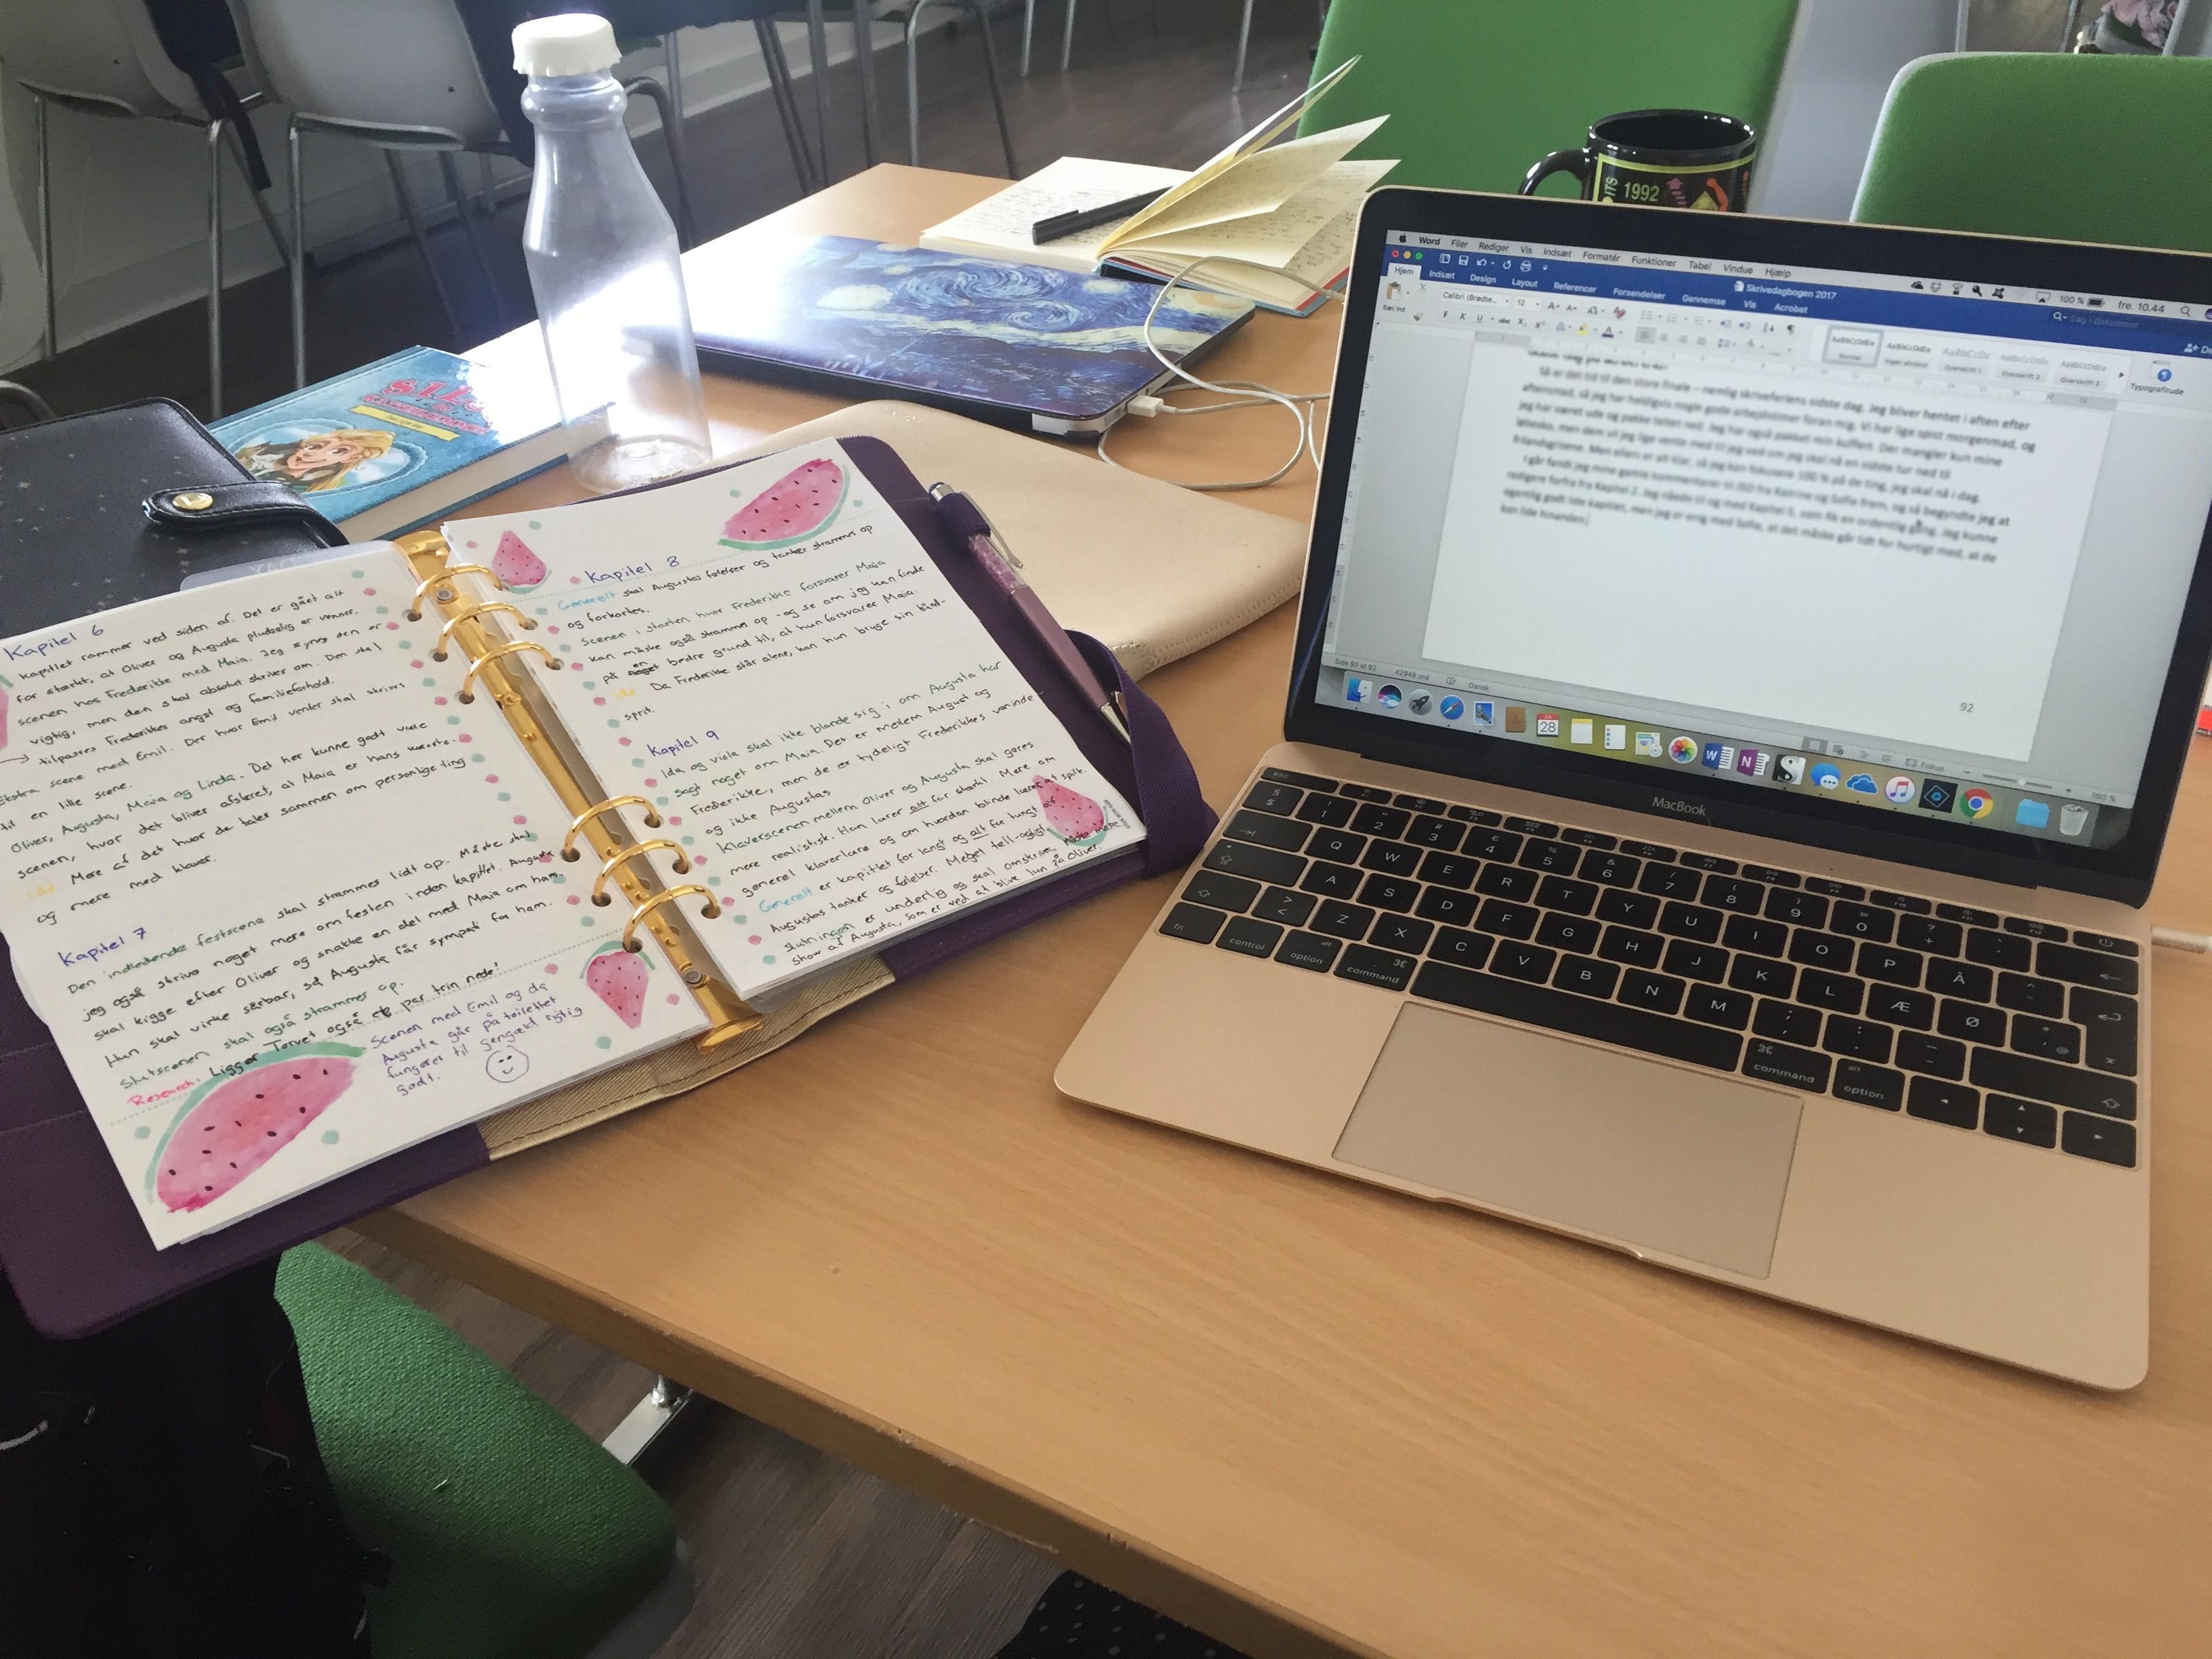 Skriveferie med HUF - Rodet bord med tændt computer.